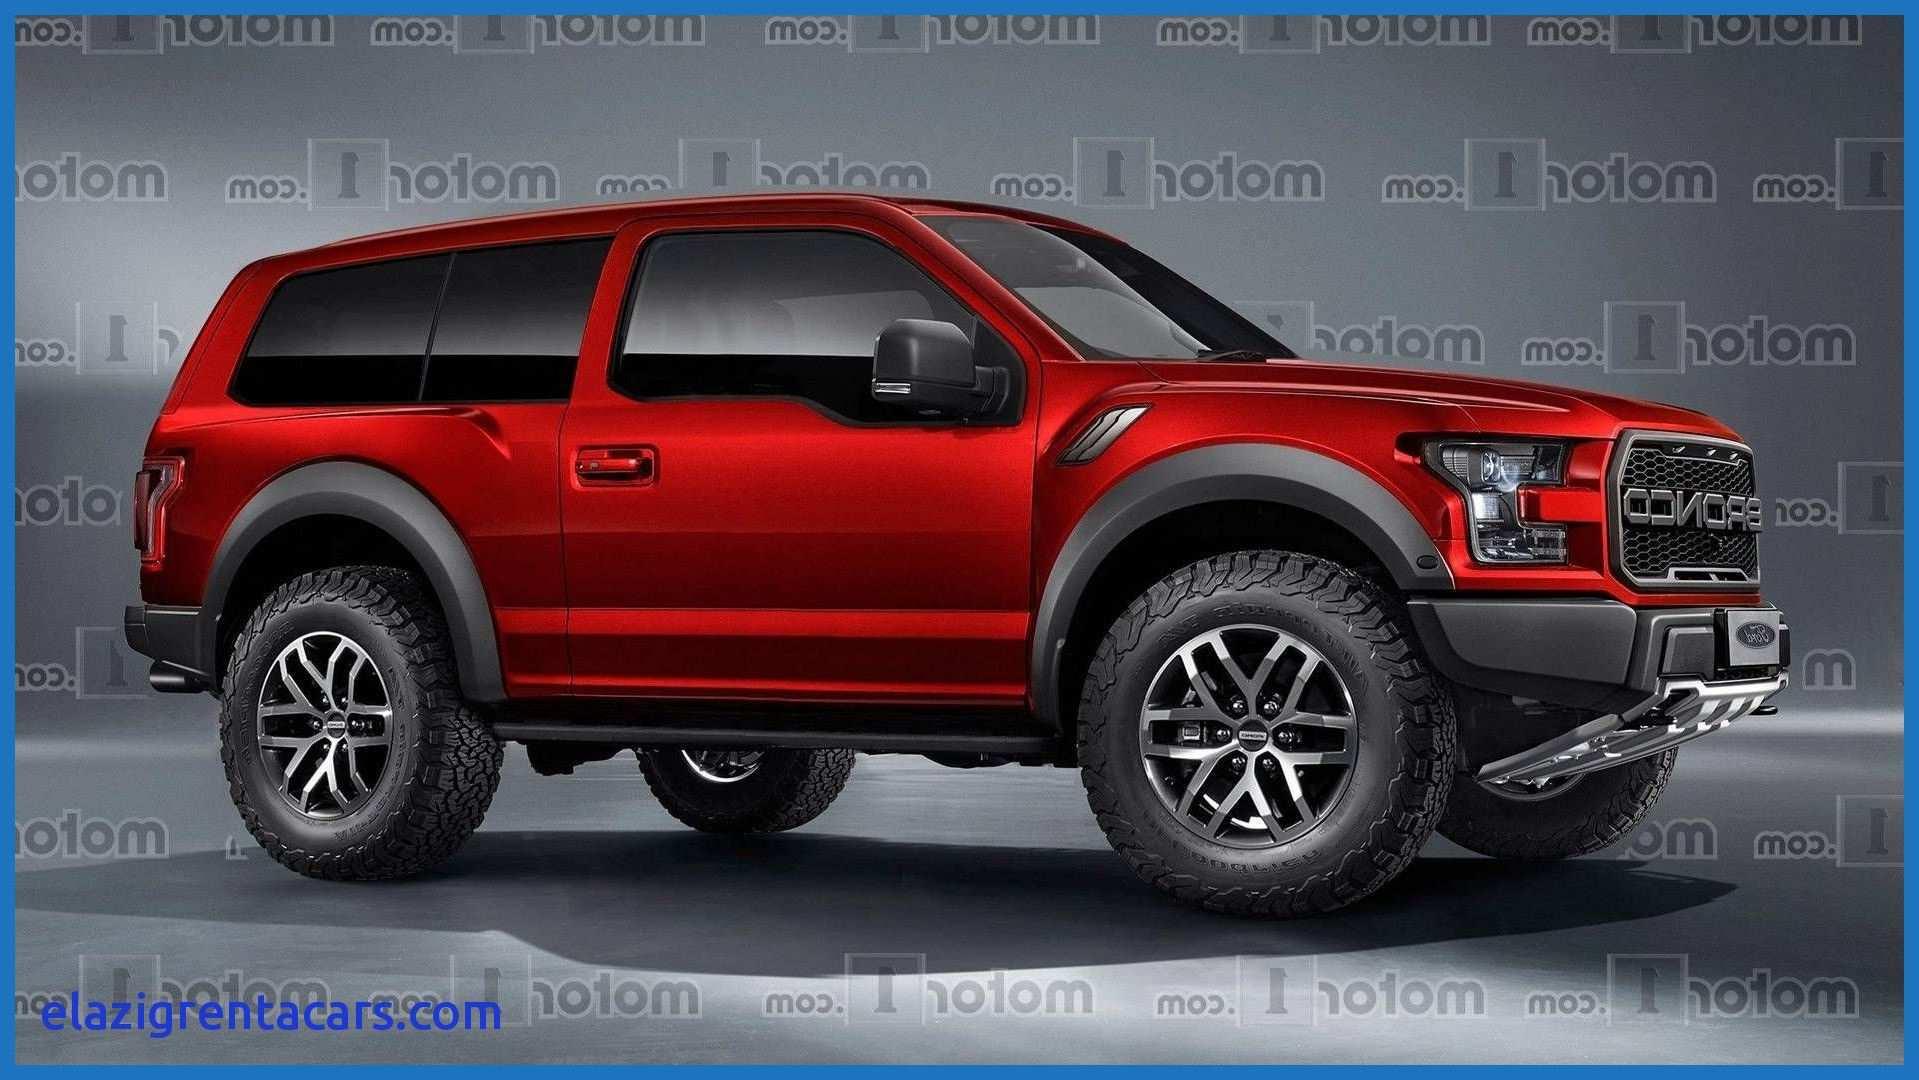 17 All New Chevrolet K5 Blazer 2020 Rumors by Chevrolet K5 Blazer 2020